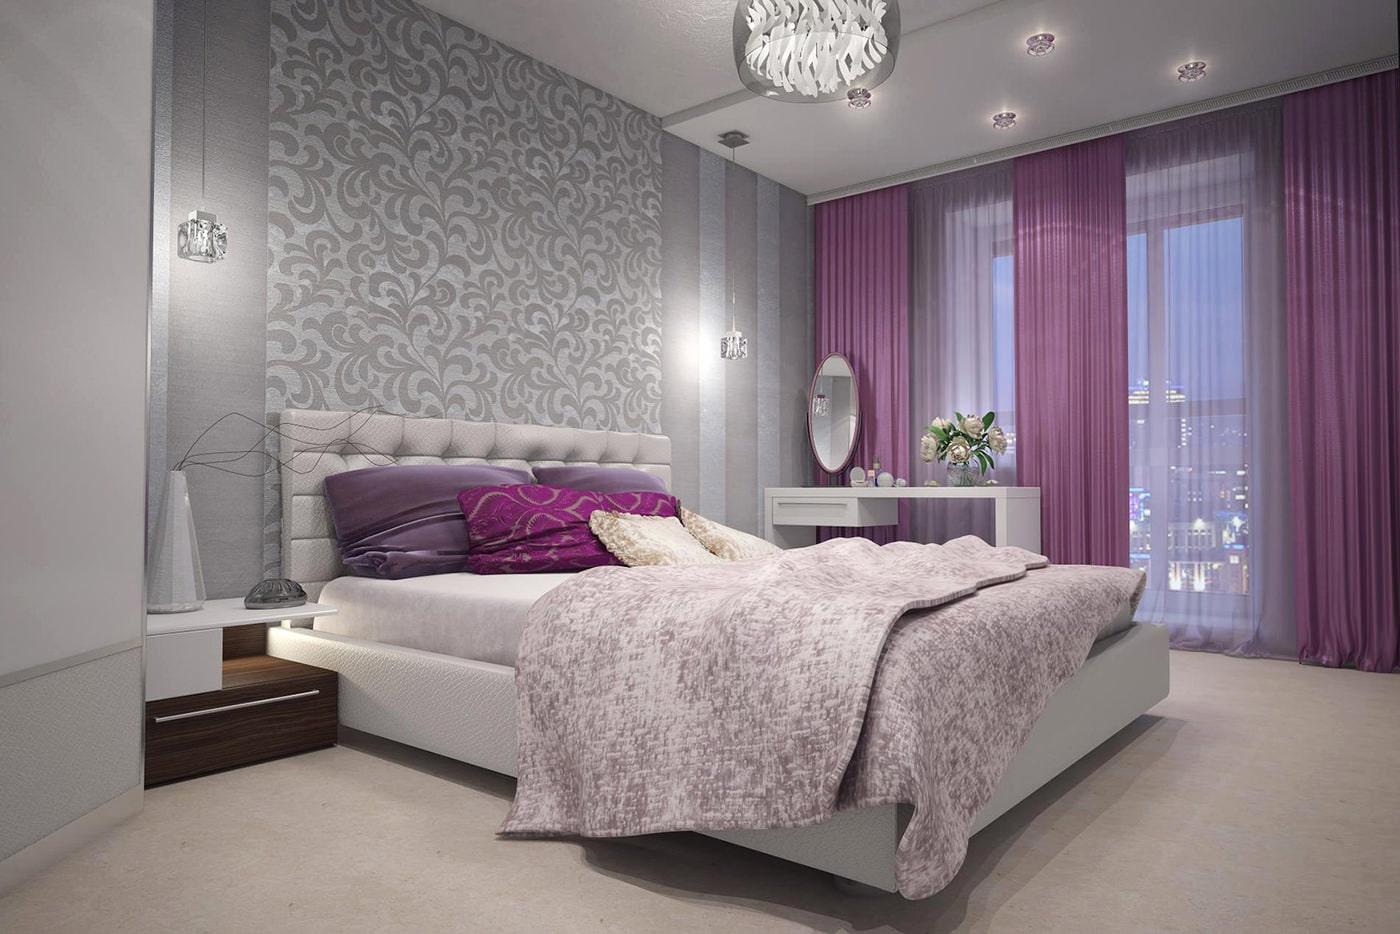 фиолетовые шторы в дизайне спальни с серыми обоями